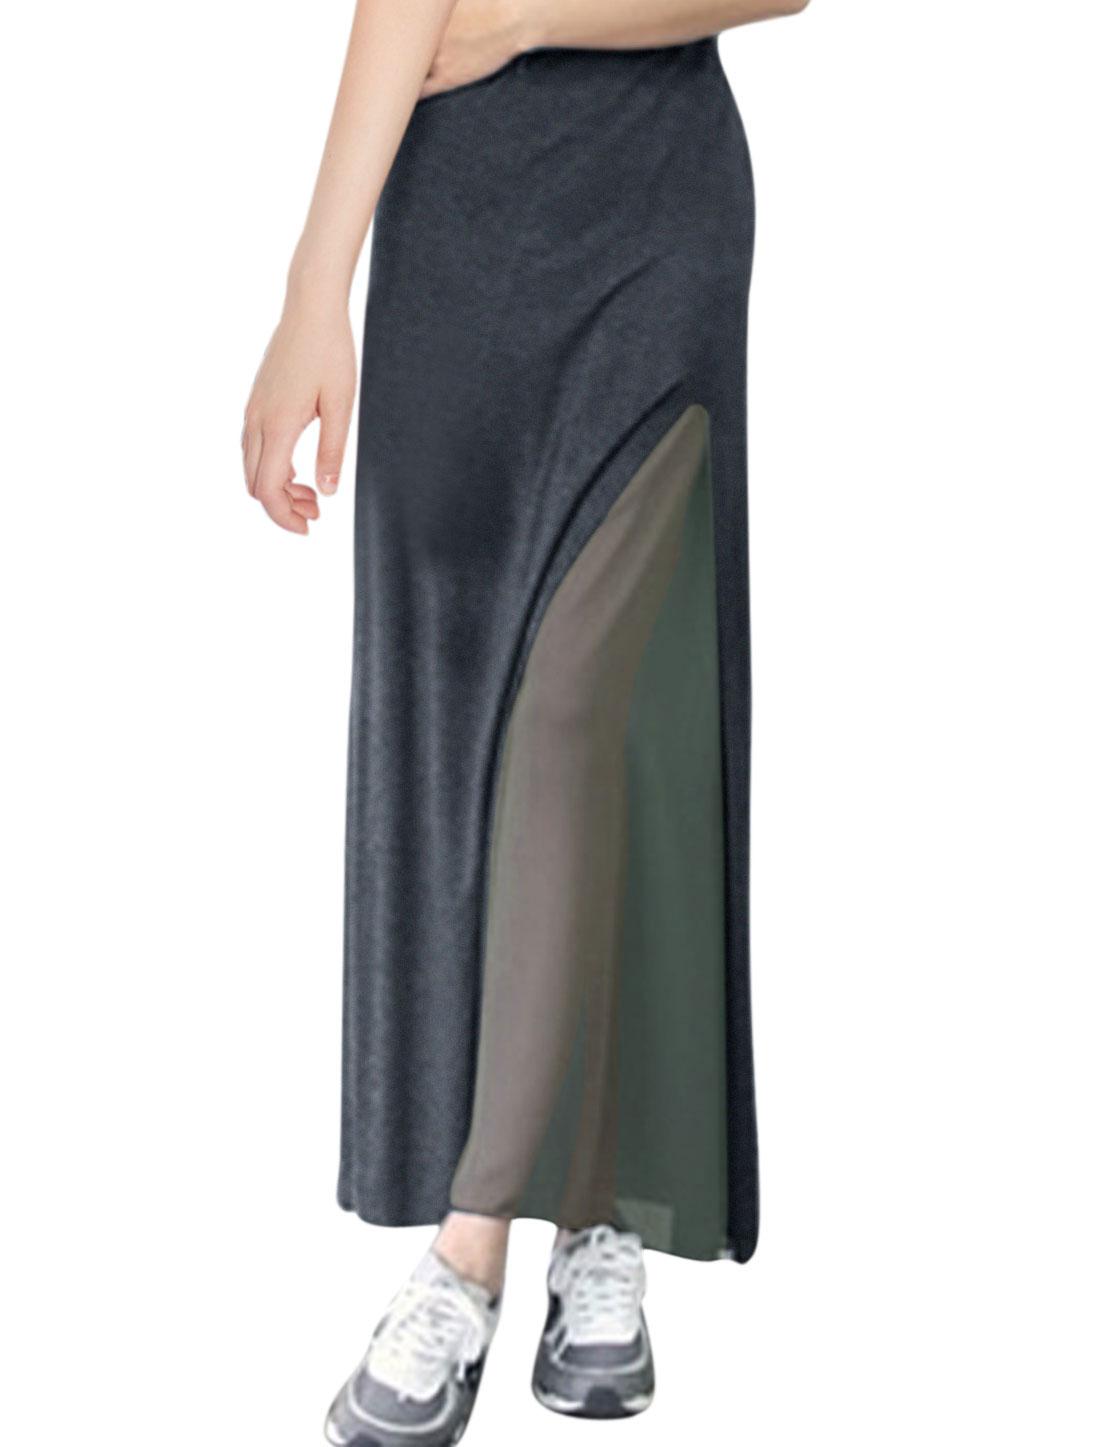 Ladies Fashion Split Side Full-Length Soft Skirt Dark Gray S